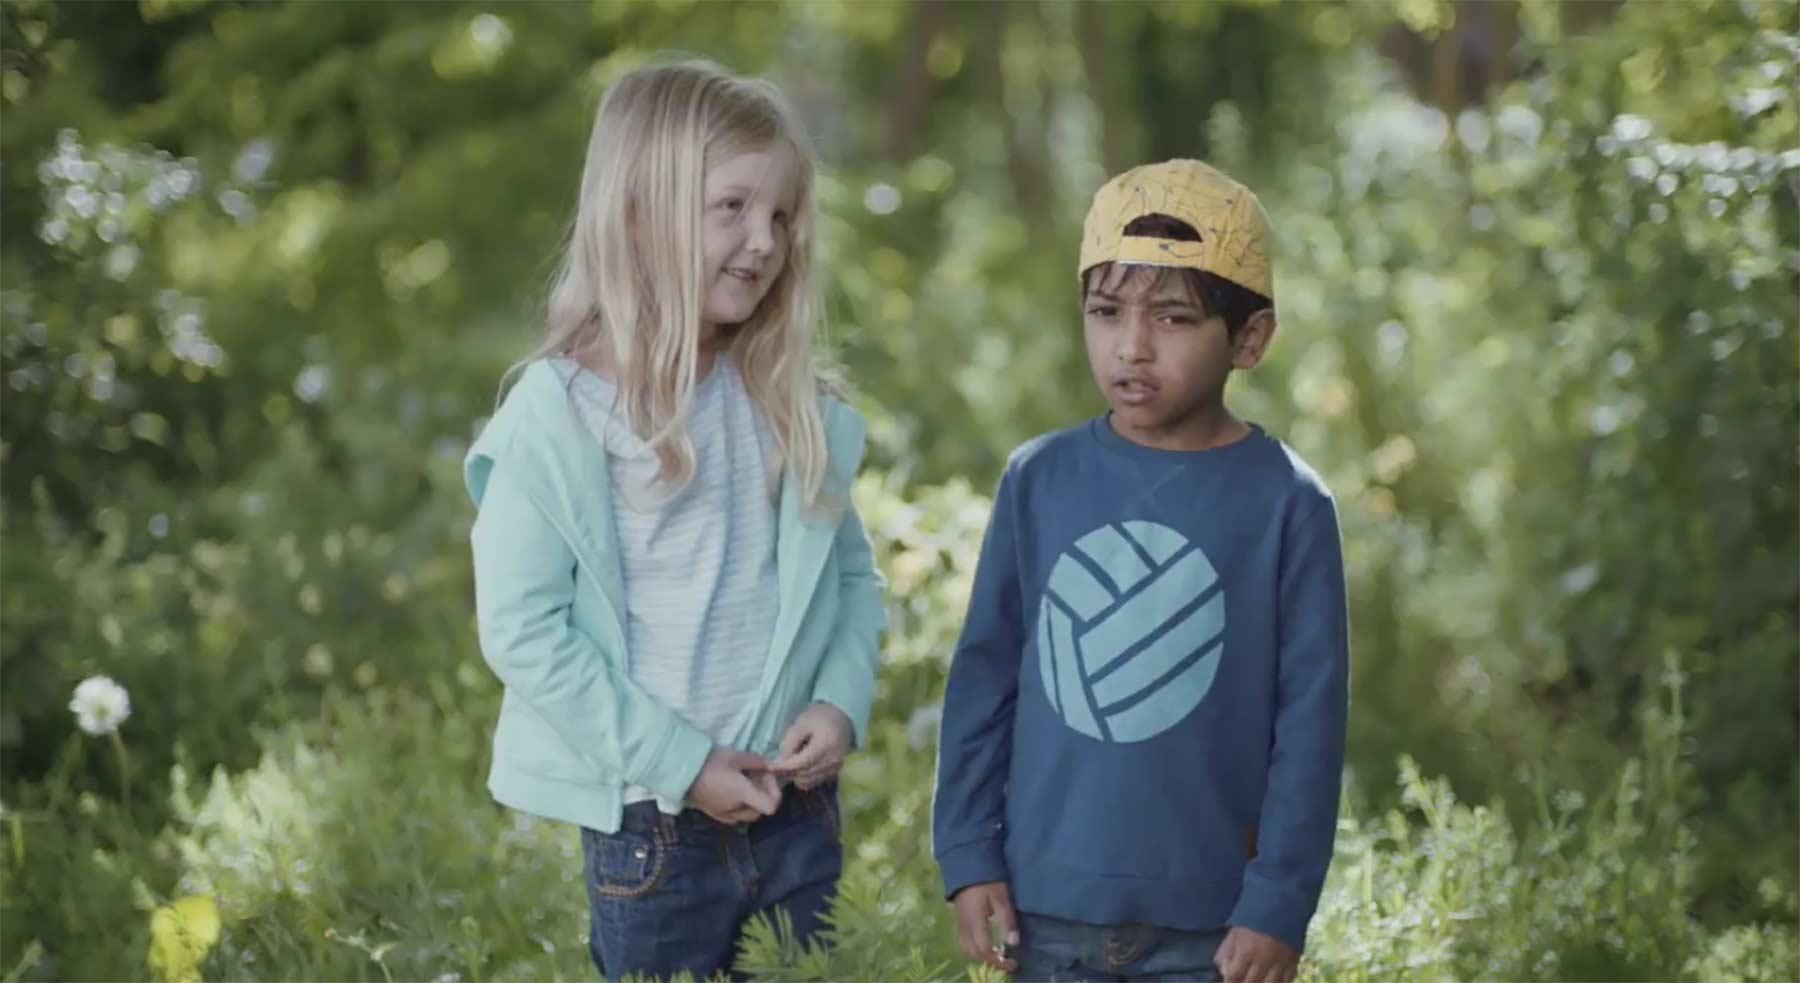 Wenn man Kinder nach Unterschieden zwischen ihnen fragt unvoreingenommenheit-der-kinder